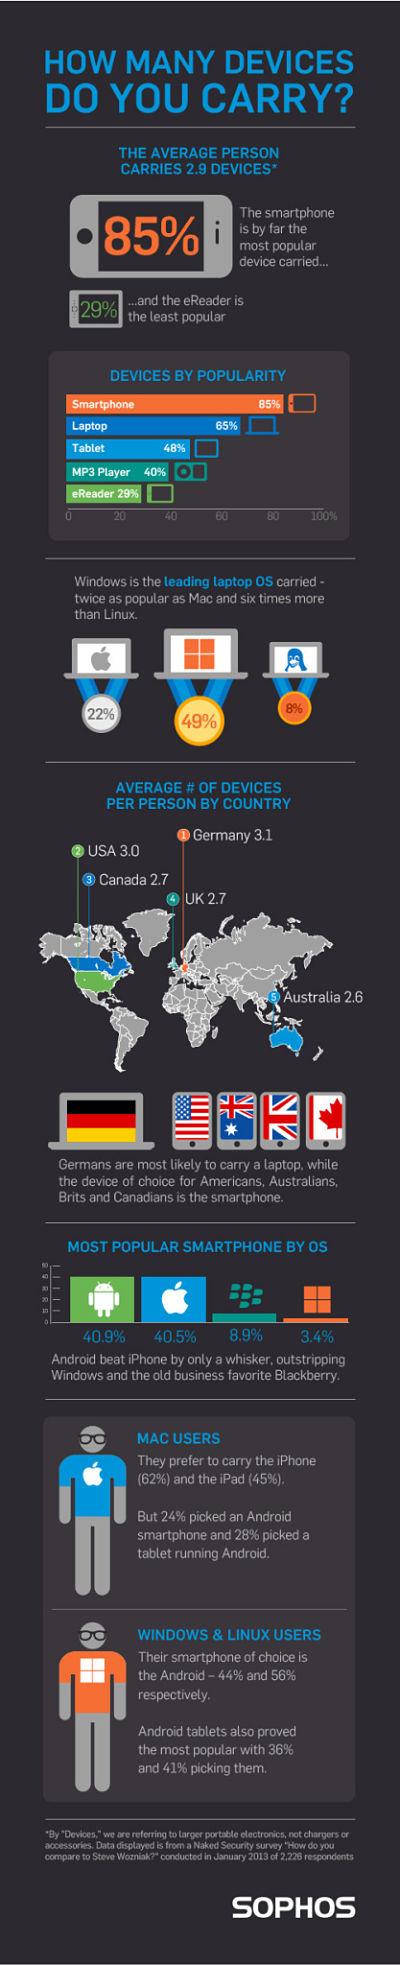 Actualidad Informática. Infografia: cuantos dispositivos electrónicos llevas. Rafael Barzanallana. UMU